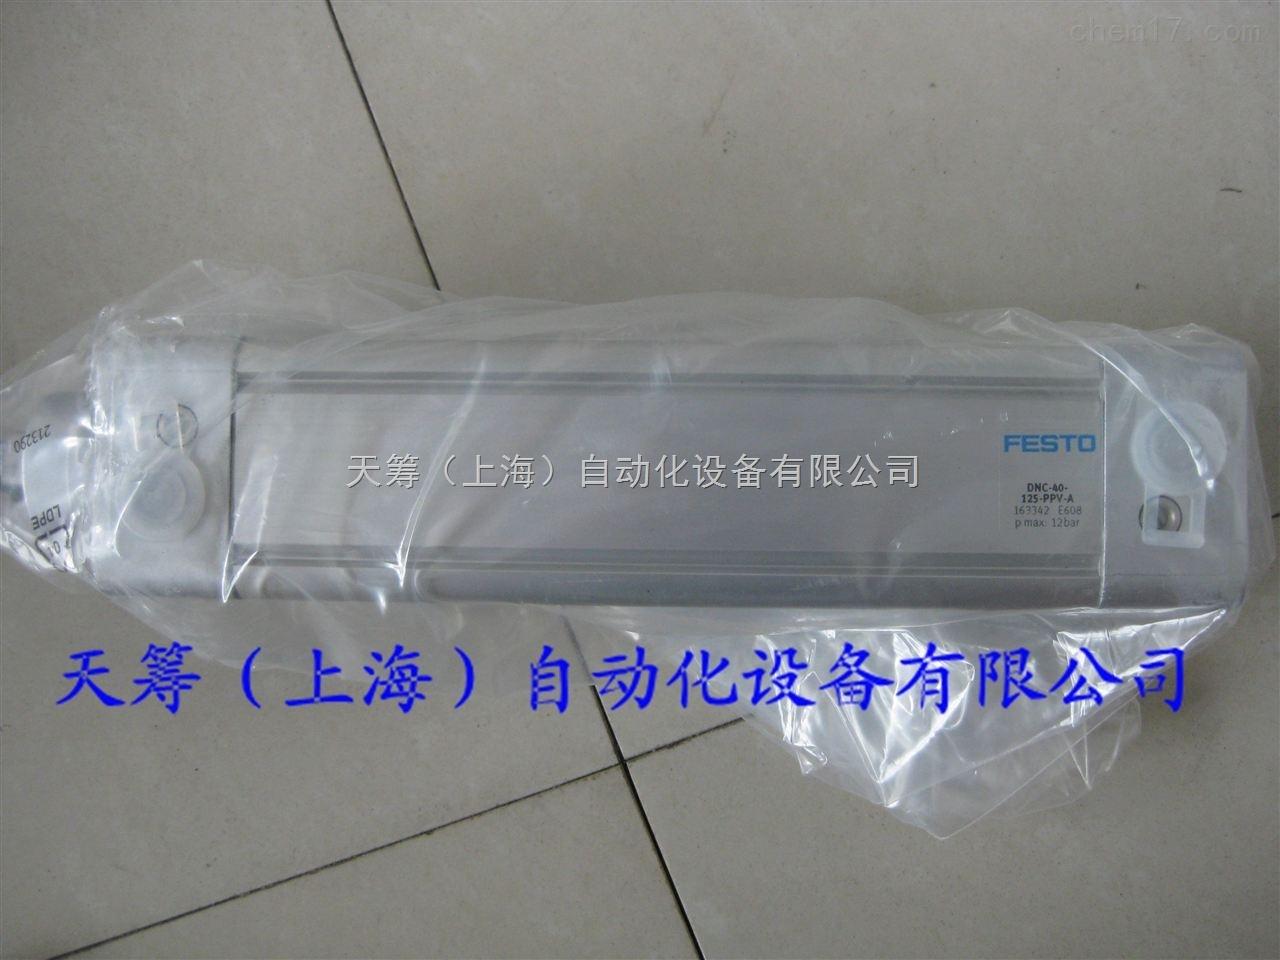 德国festo产品FESTO标准气缸DNC系列DNC-40-125-PPV-A